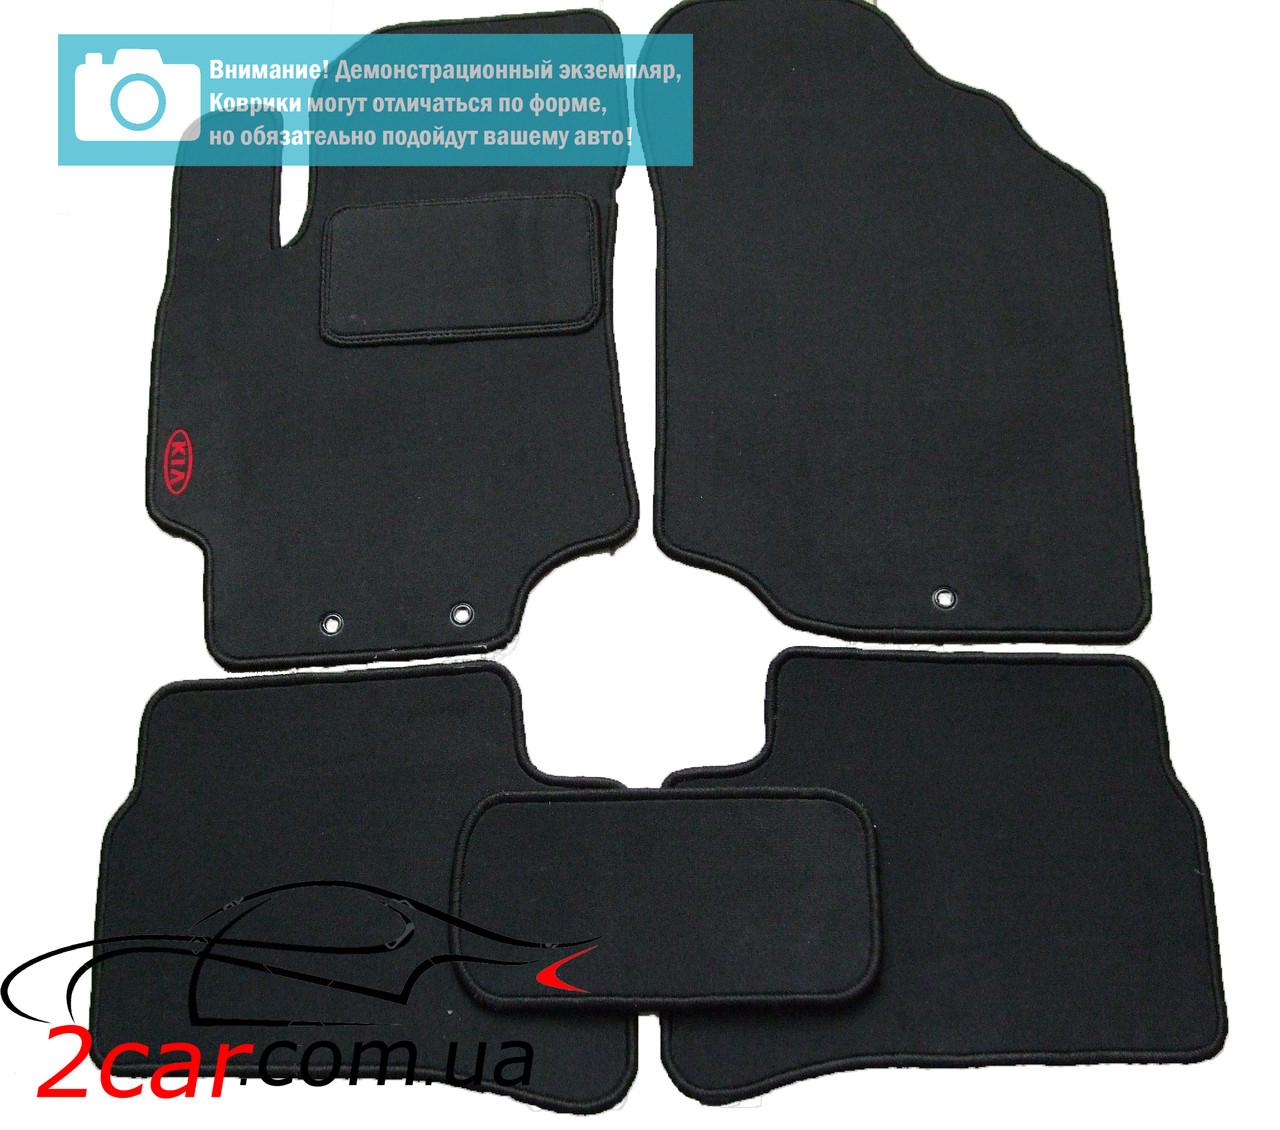 Текстильные коврики в салон для Renault Scenic III (2009-) (чёрный) (S